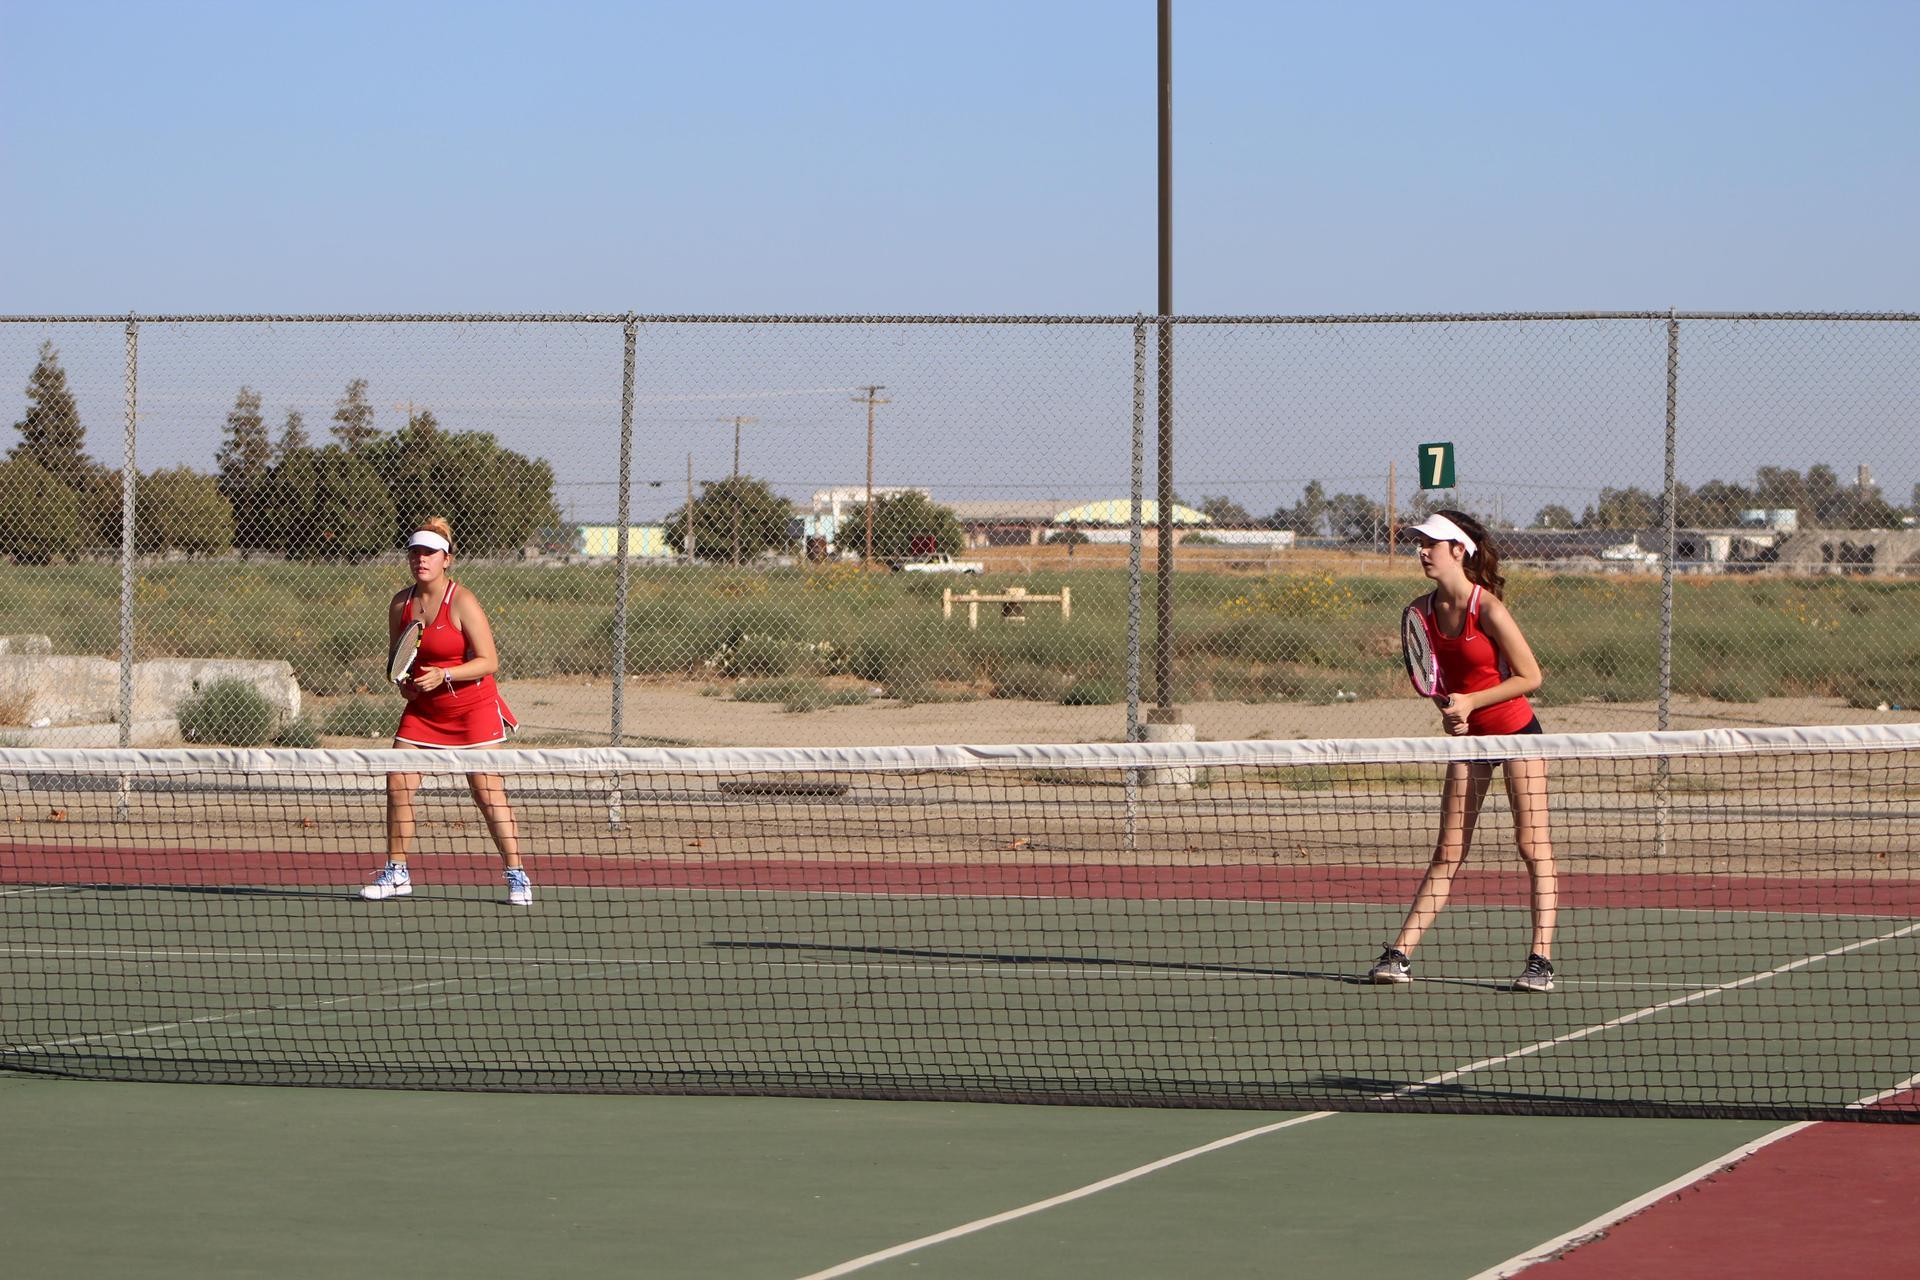 Girls playing tennis against Kerman